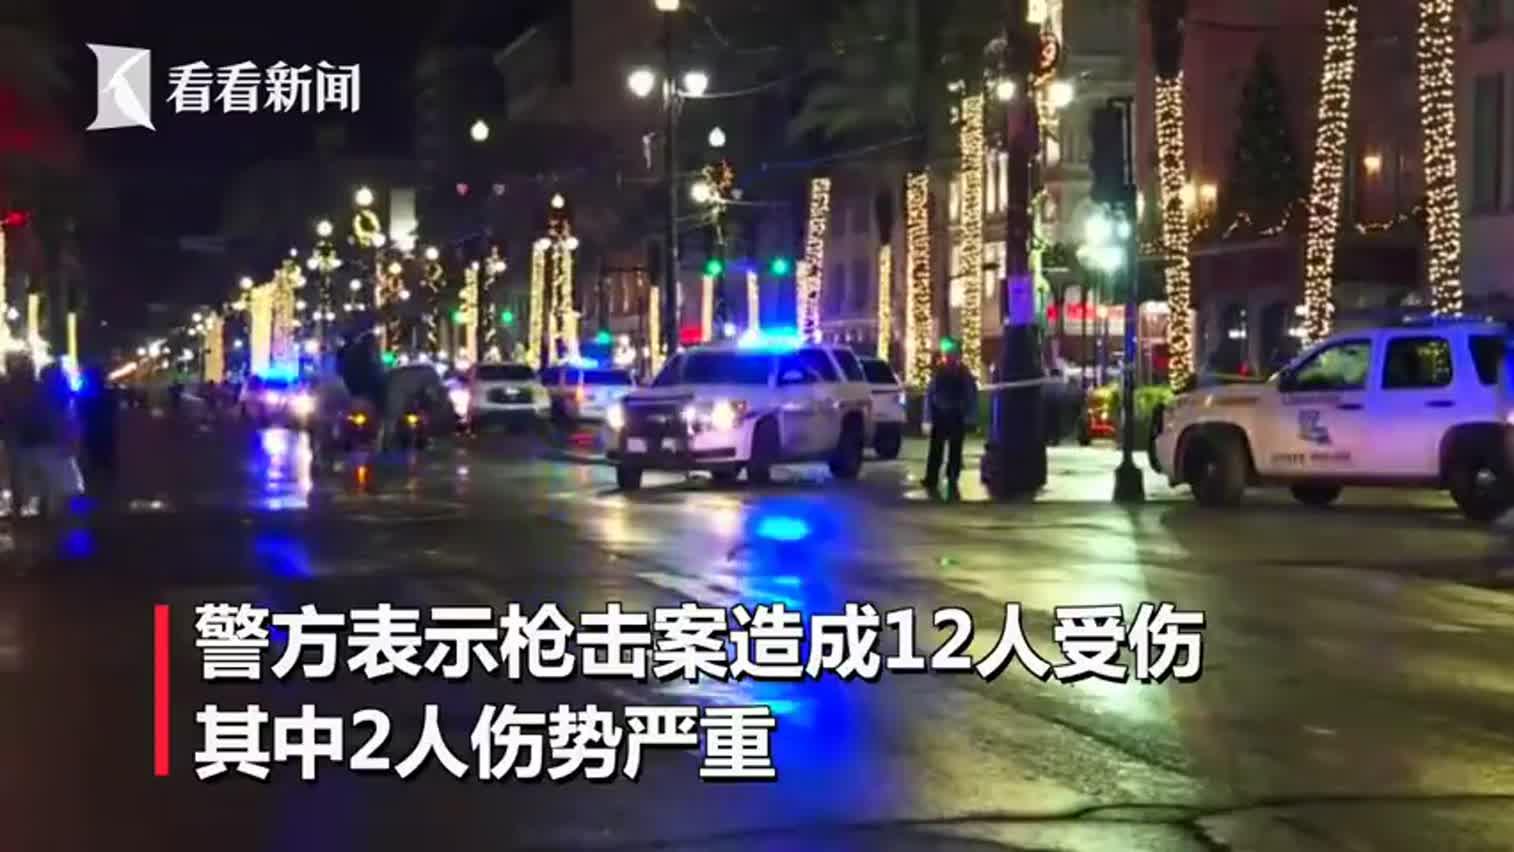 视频|美国新奥尔良凌晨突发枪击案 12人受伤2人